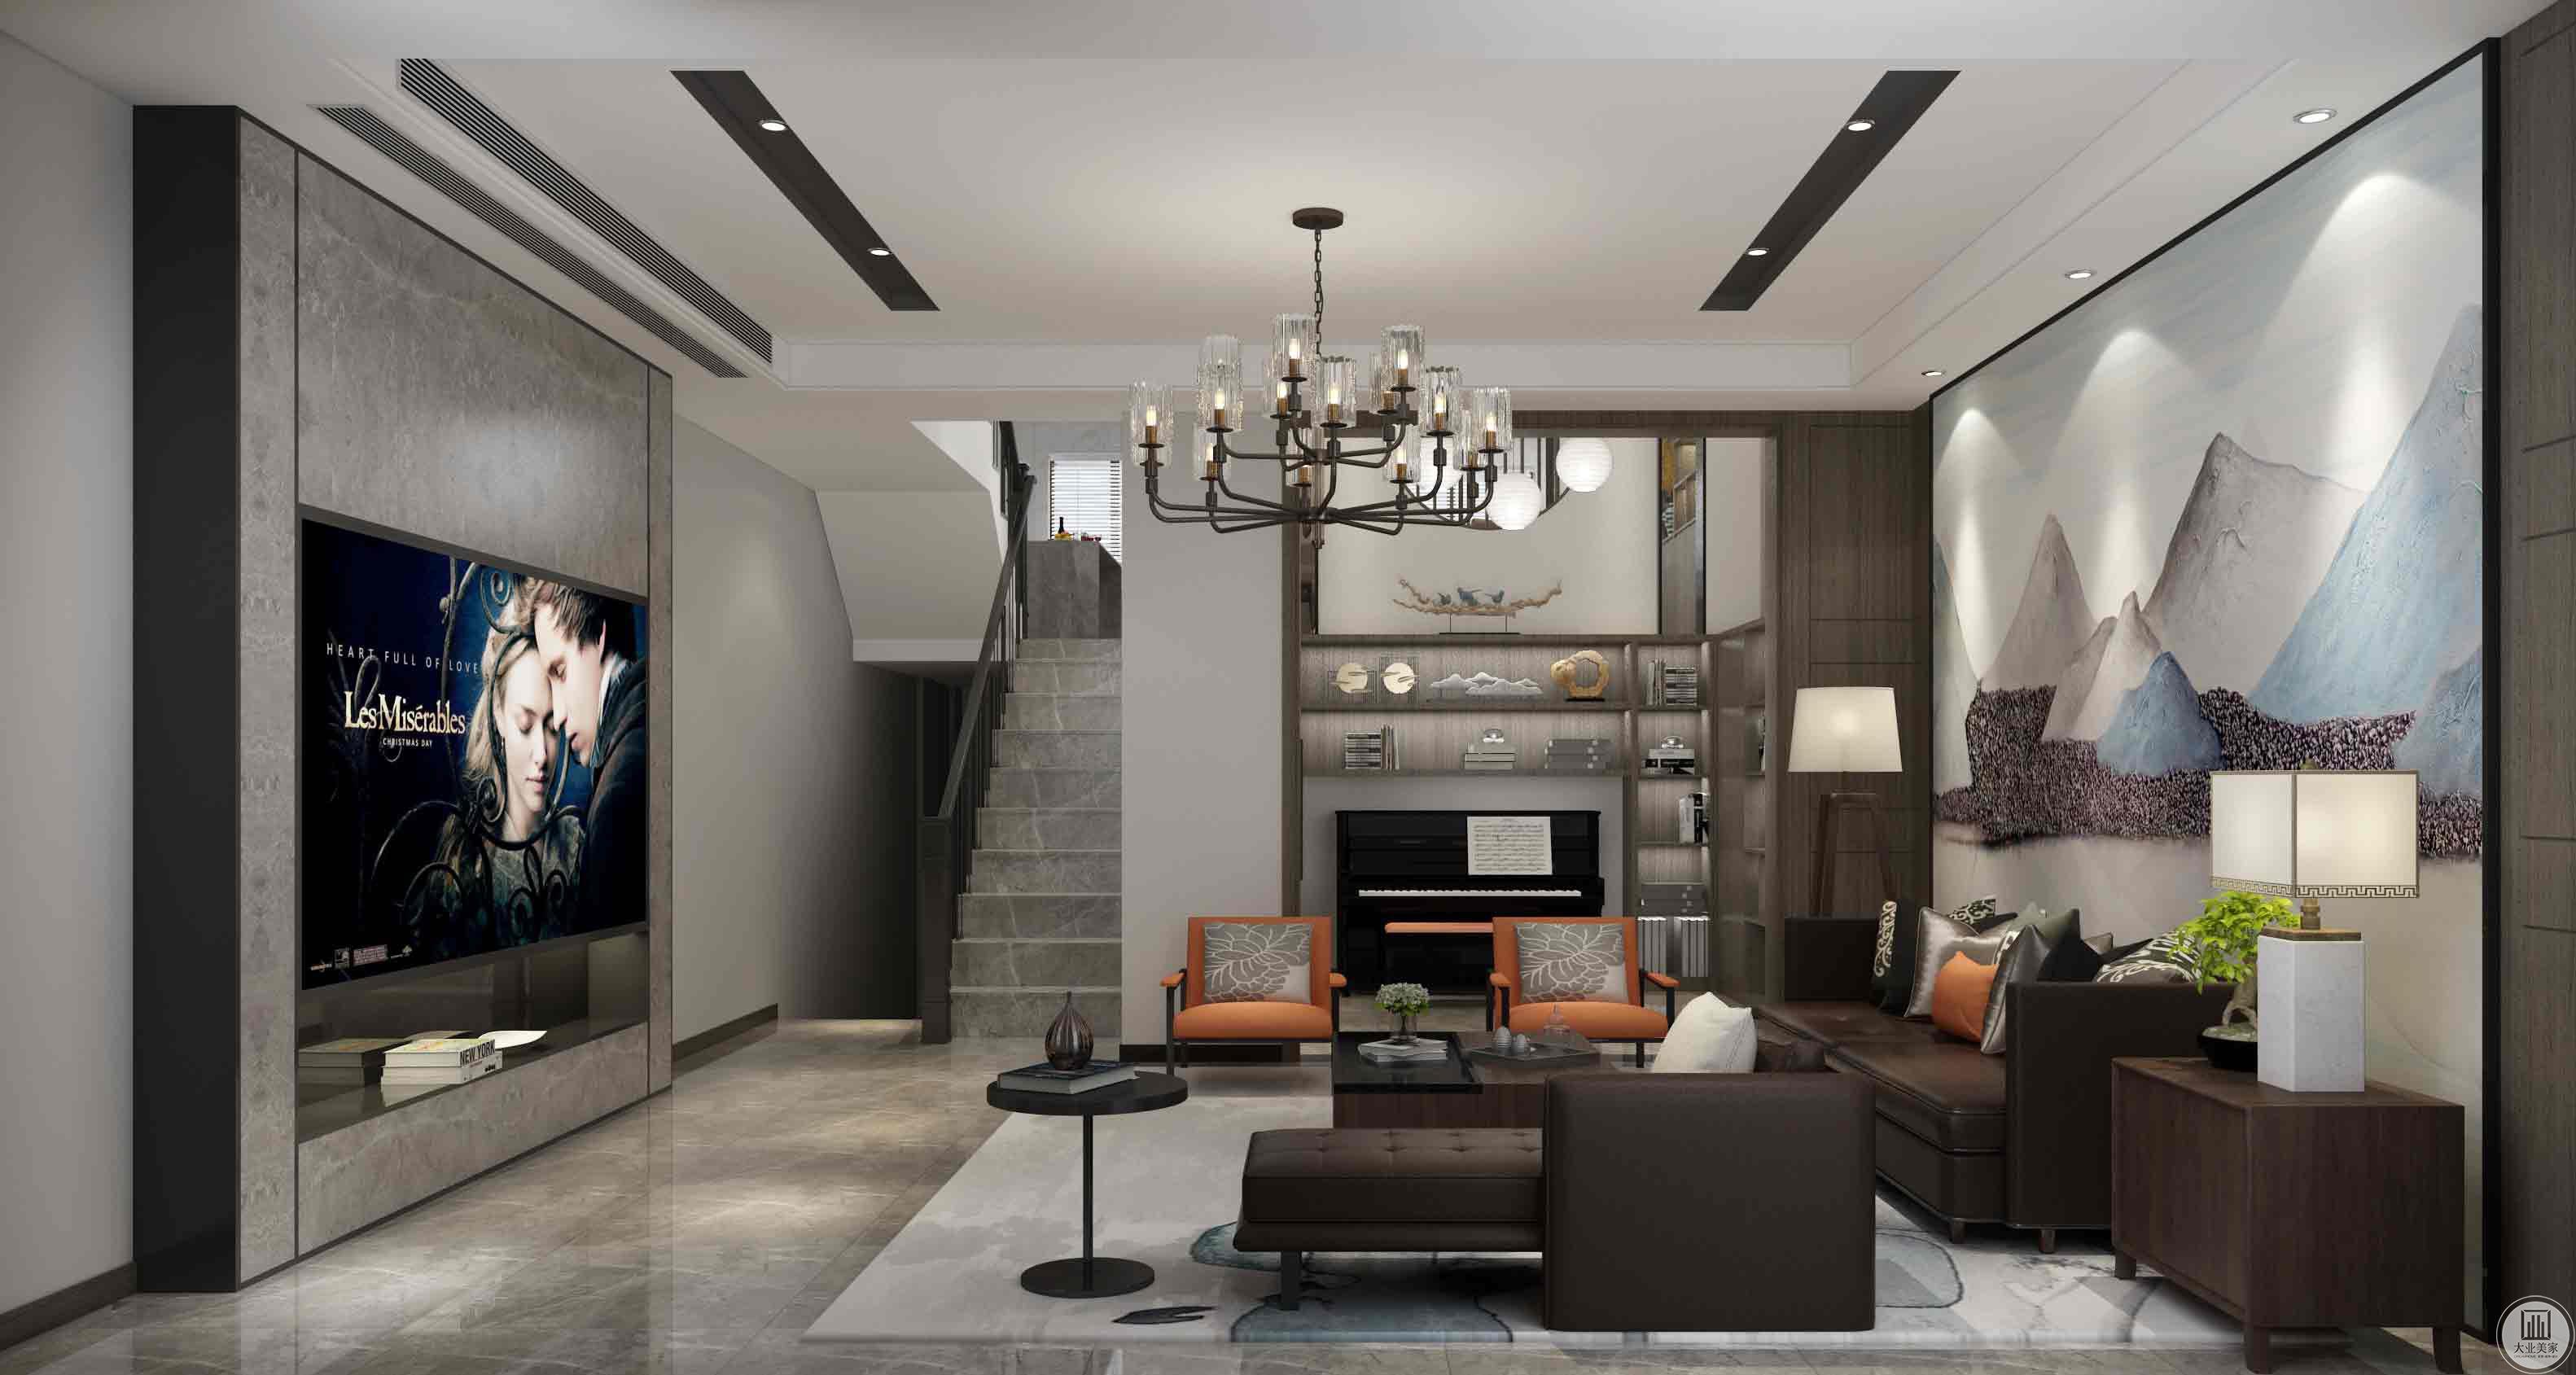 客厅:主要以白色、深灰色为主。简单的艺术吊顶采用凹缝、黑色的灯槽作为层次对比。简单的电视机背景墙采用咖啡色的大理石,黑钛钢卡条作为线条。镶嵌式电视机,中空的电视机柜。